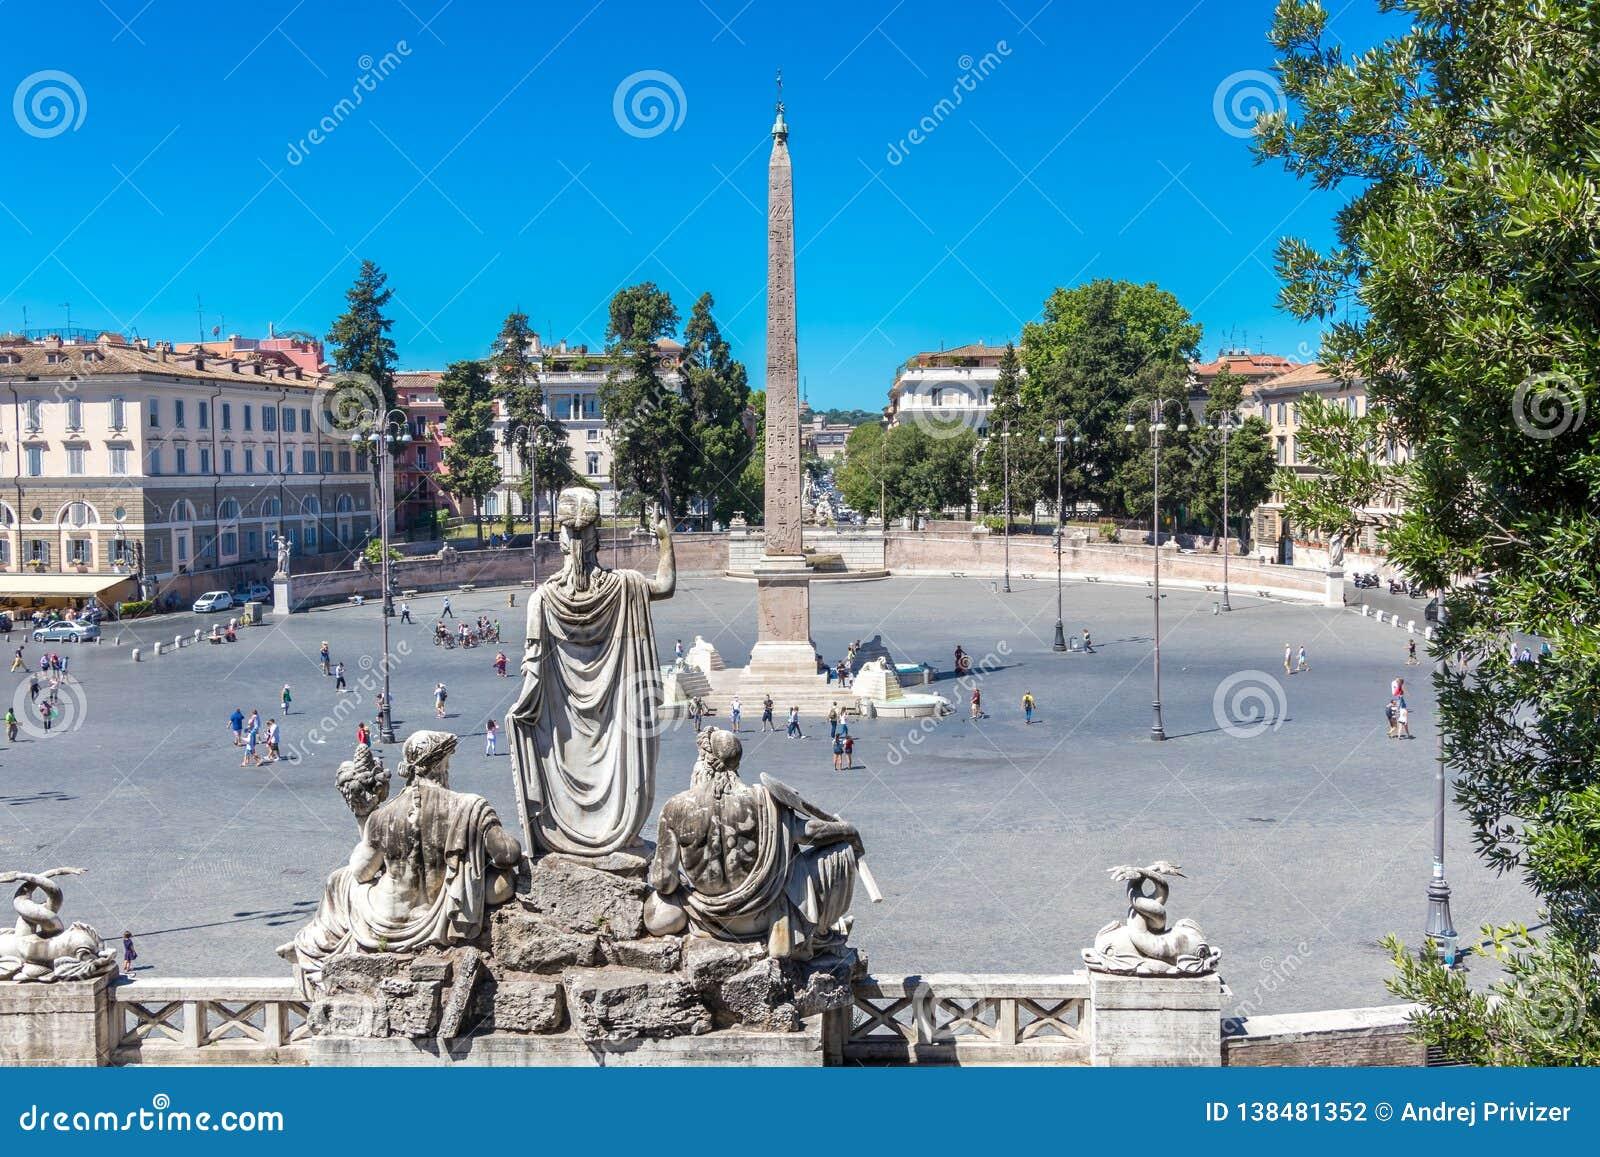 The Piazza del Popolo and Flaminio Obelisk